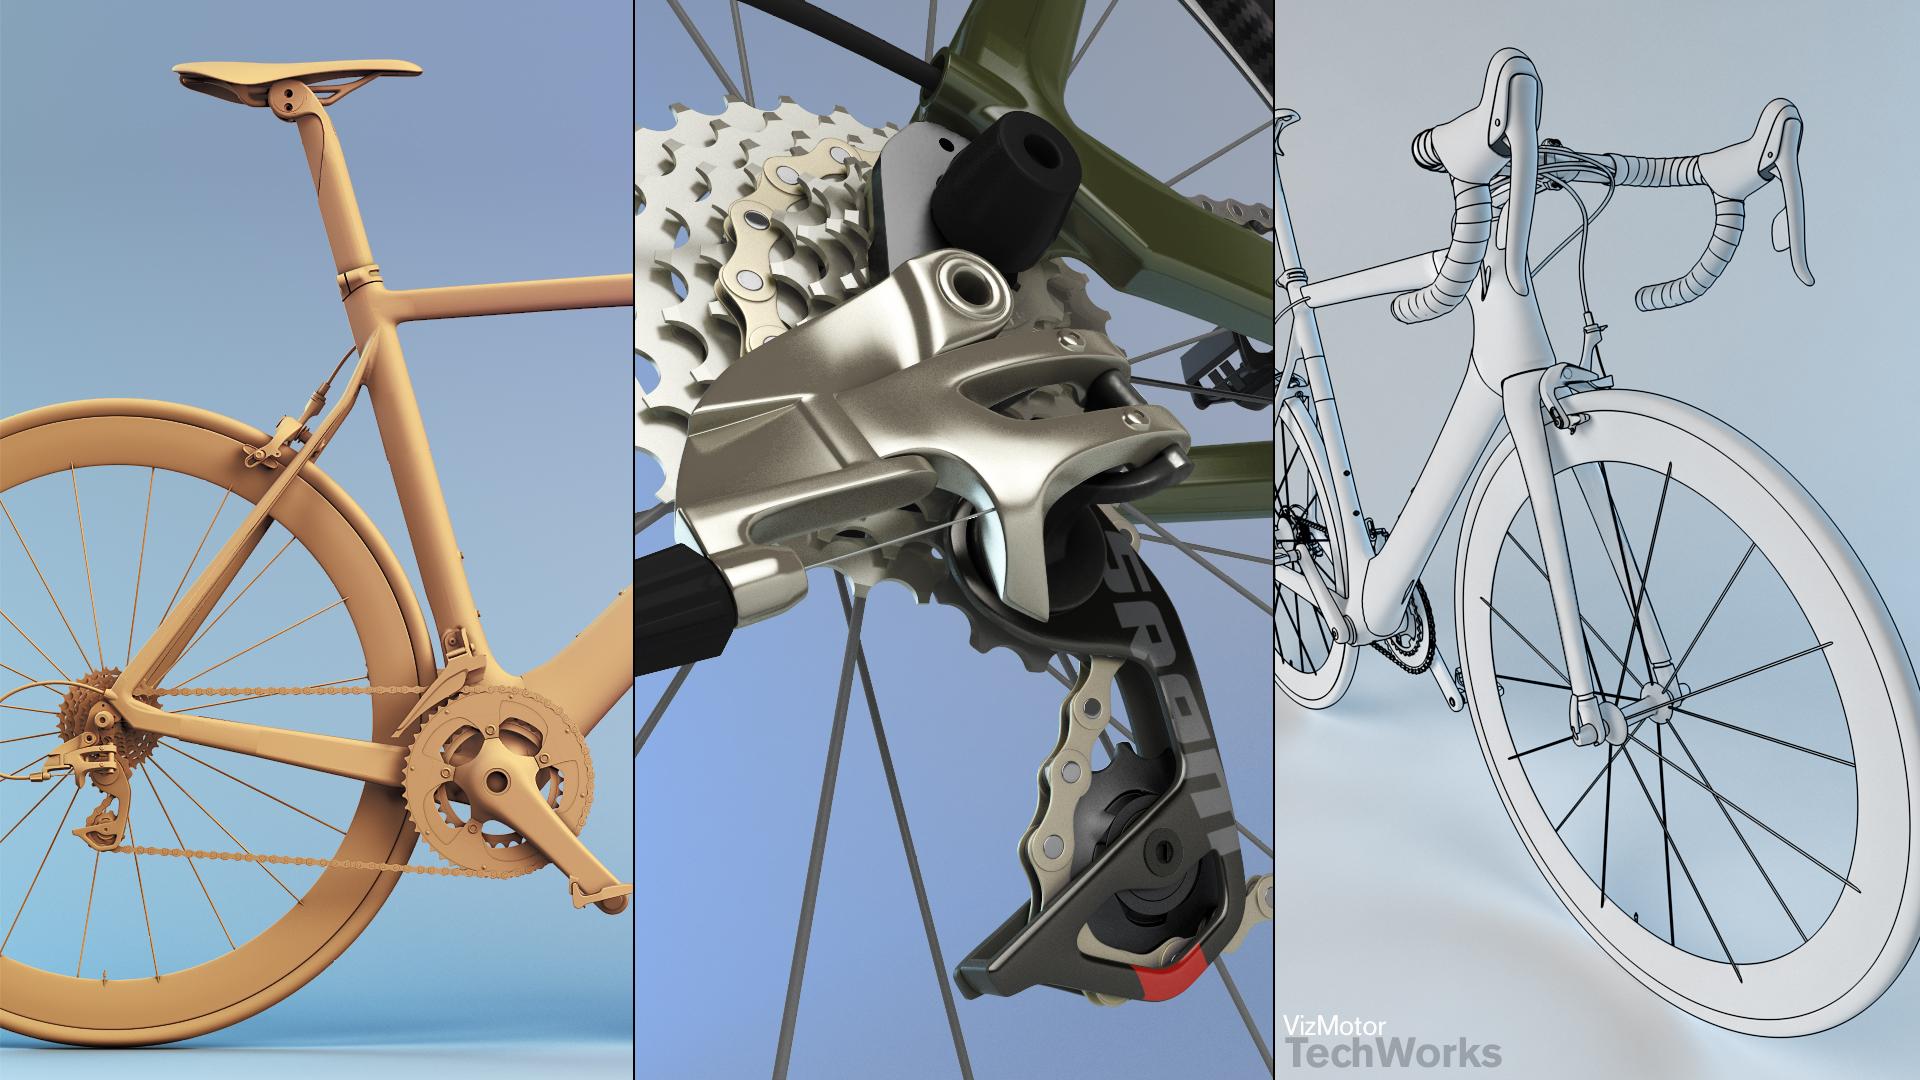 VizMotor_Bike_2